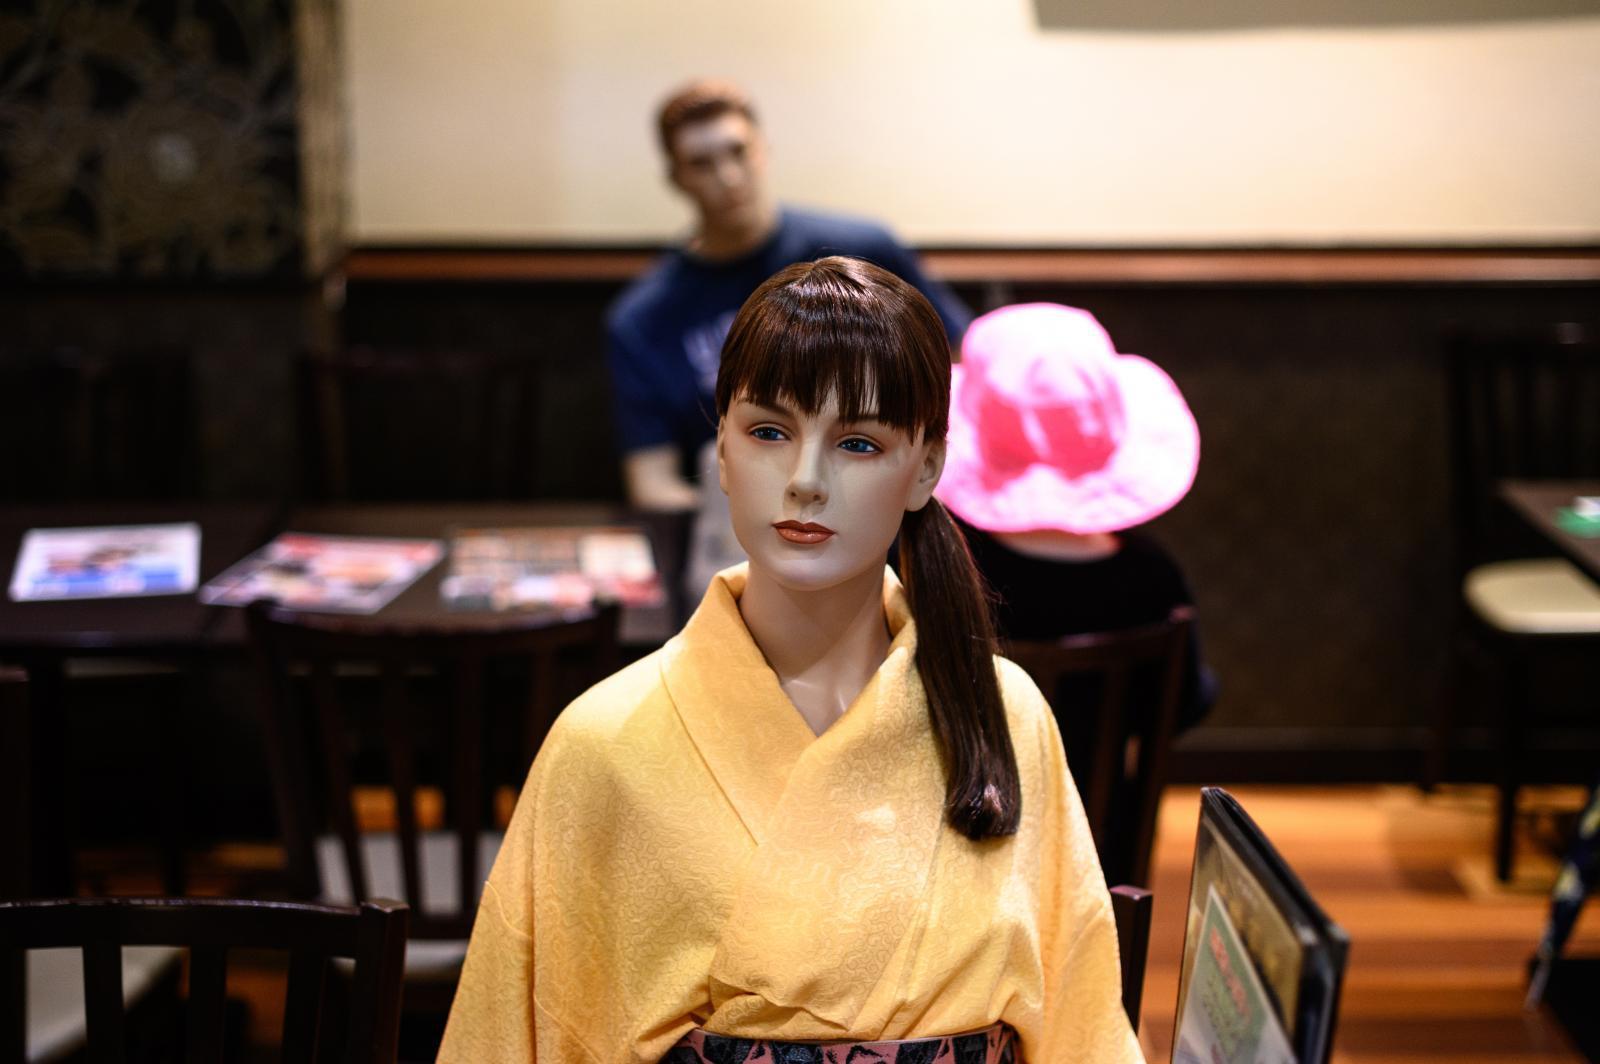 """ร้านอาหารในญี่ปุ่นตั้ง """"หุ่น"""" นั่งเป็นเพื่อนลูกค้า สร้างระยะห่างช่วงโควิด-19"""